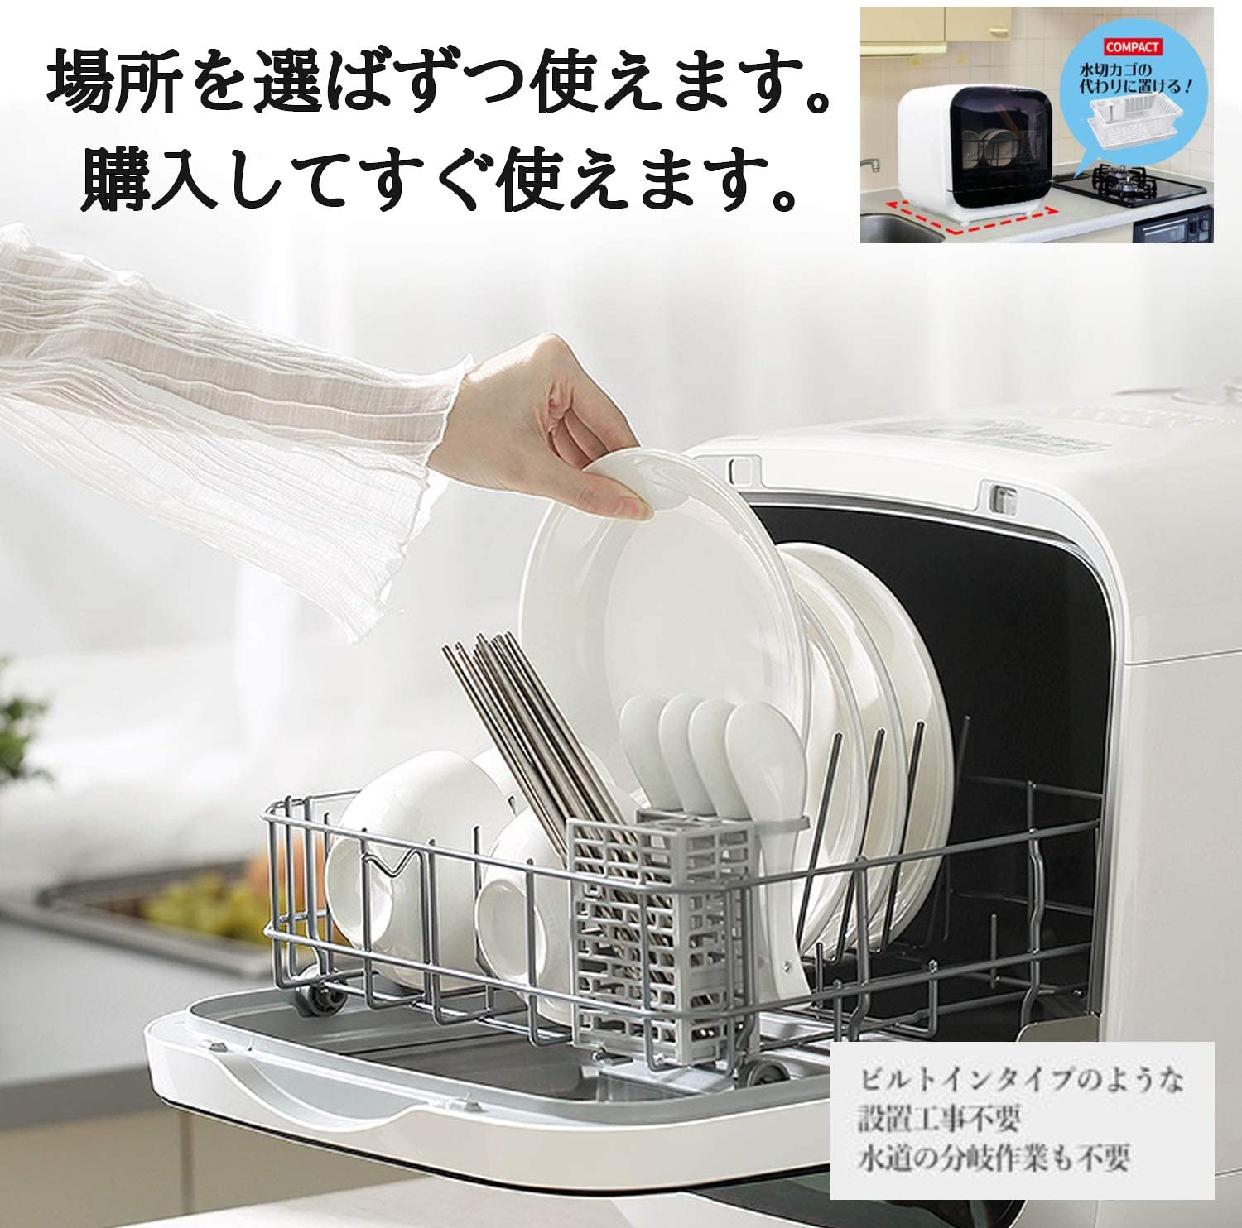 TDP(ティーディーピー) 食器洗い乾燥機 g004(ホワイト)の商品画像4